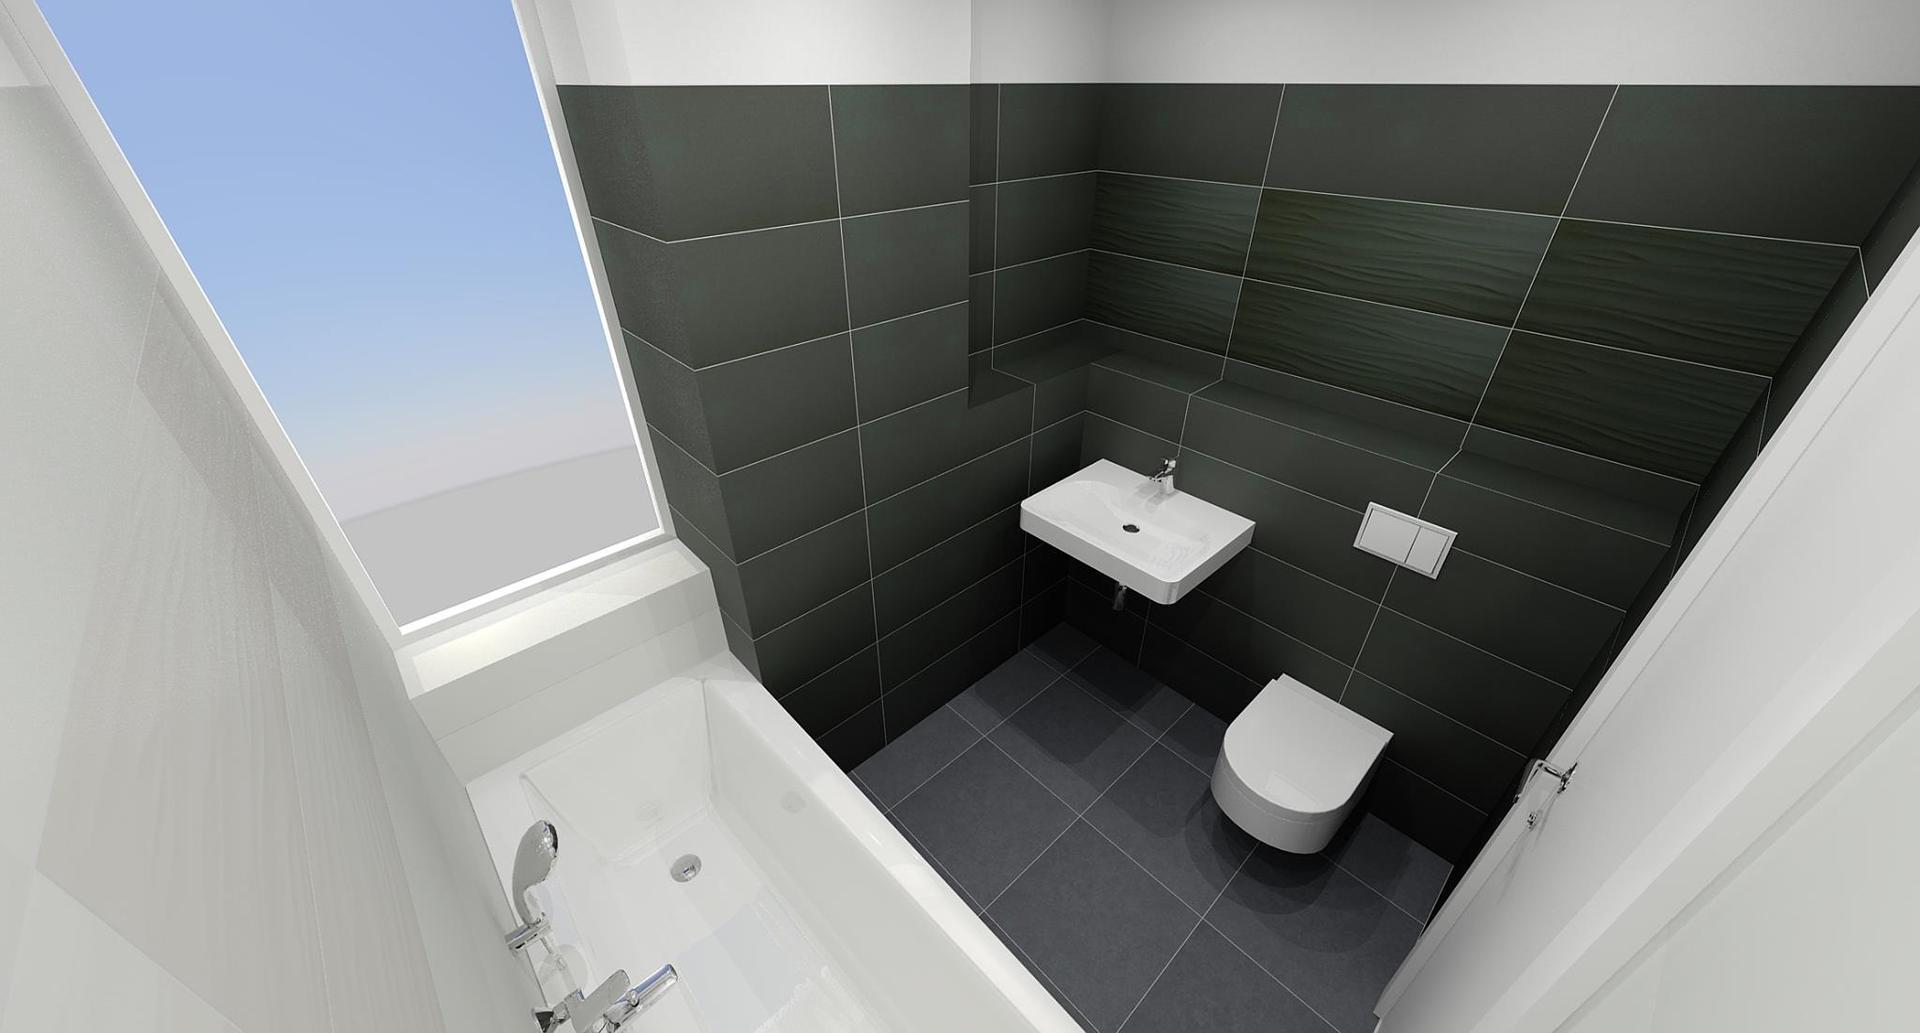 Návrhy koupelny a kuchyně - Obrázek č. 9